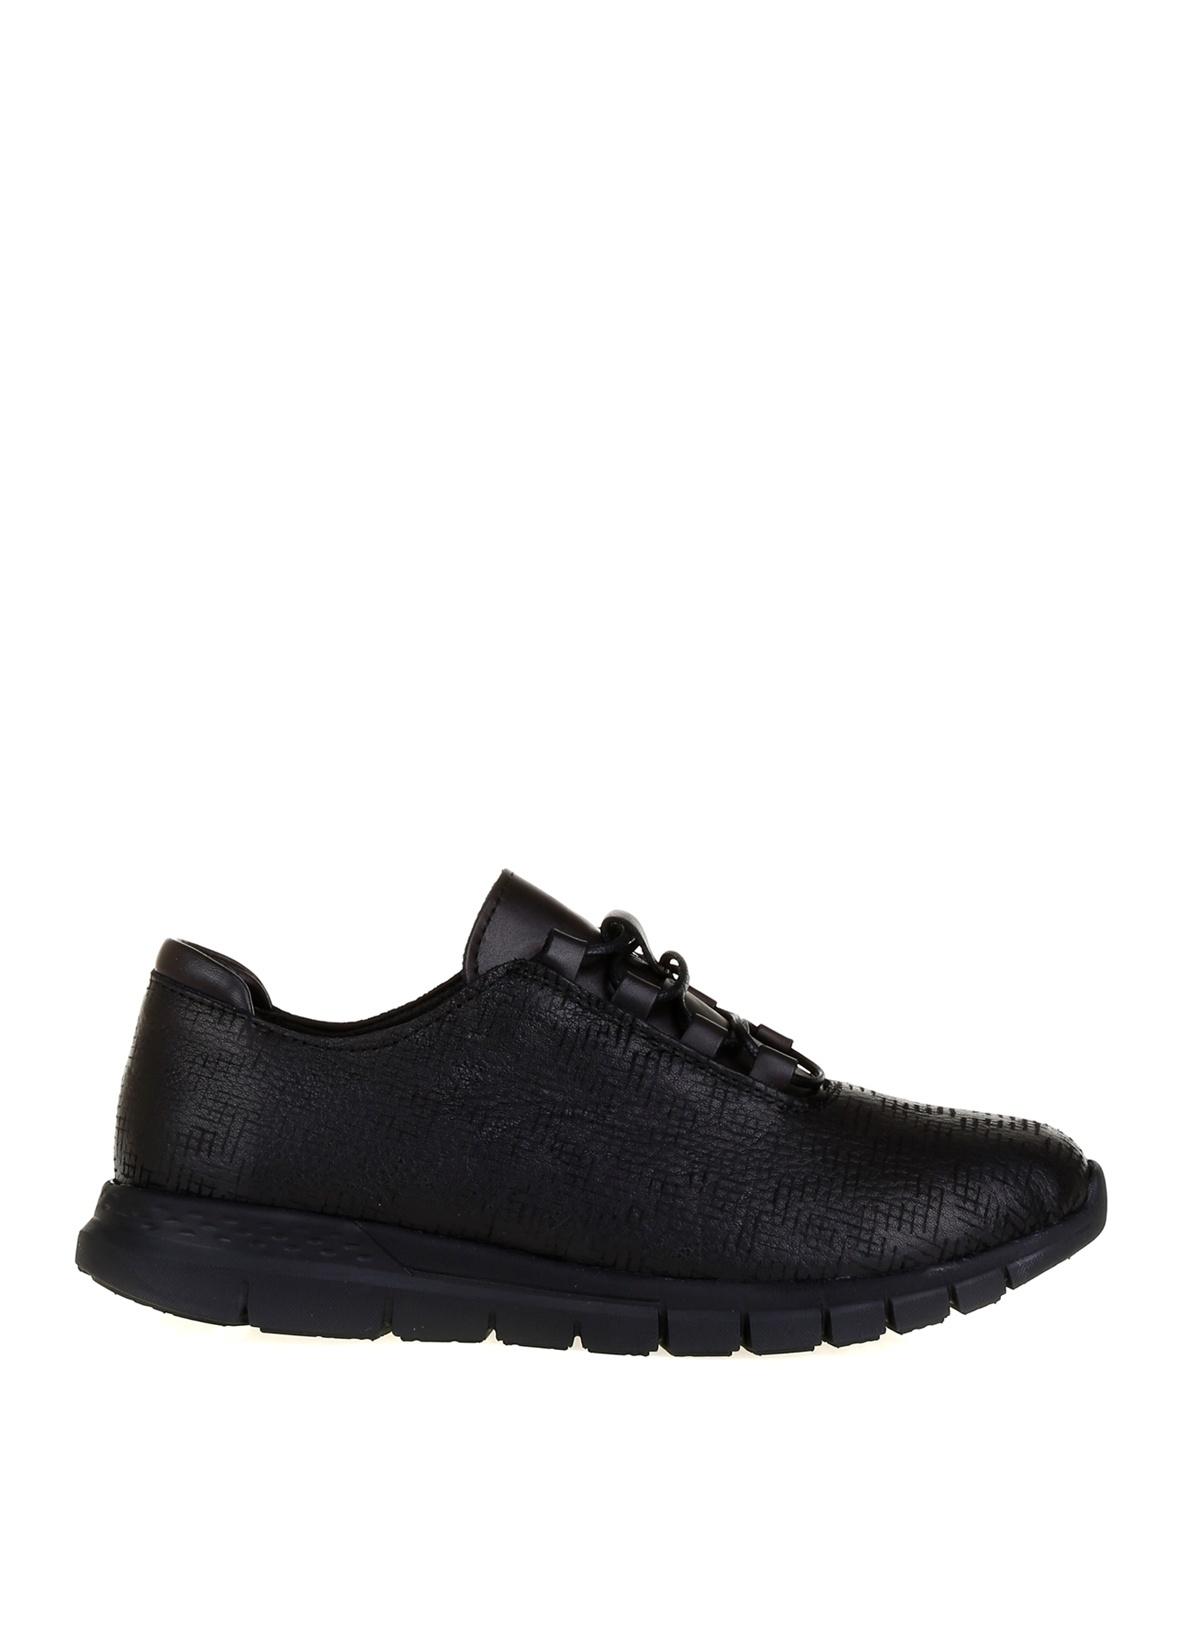 Penford Ayakkabı 28-chester Penford Koşu Ayakkabısı – 229.99 TL